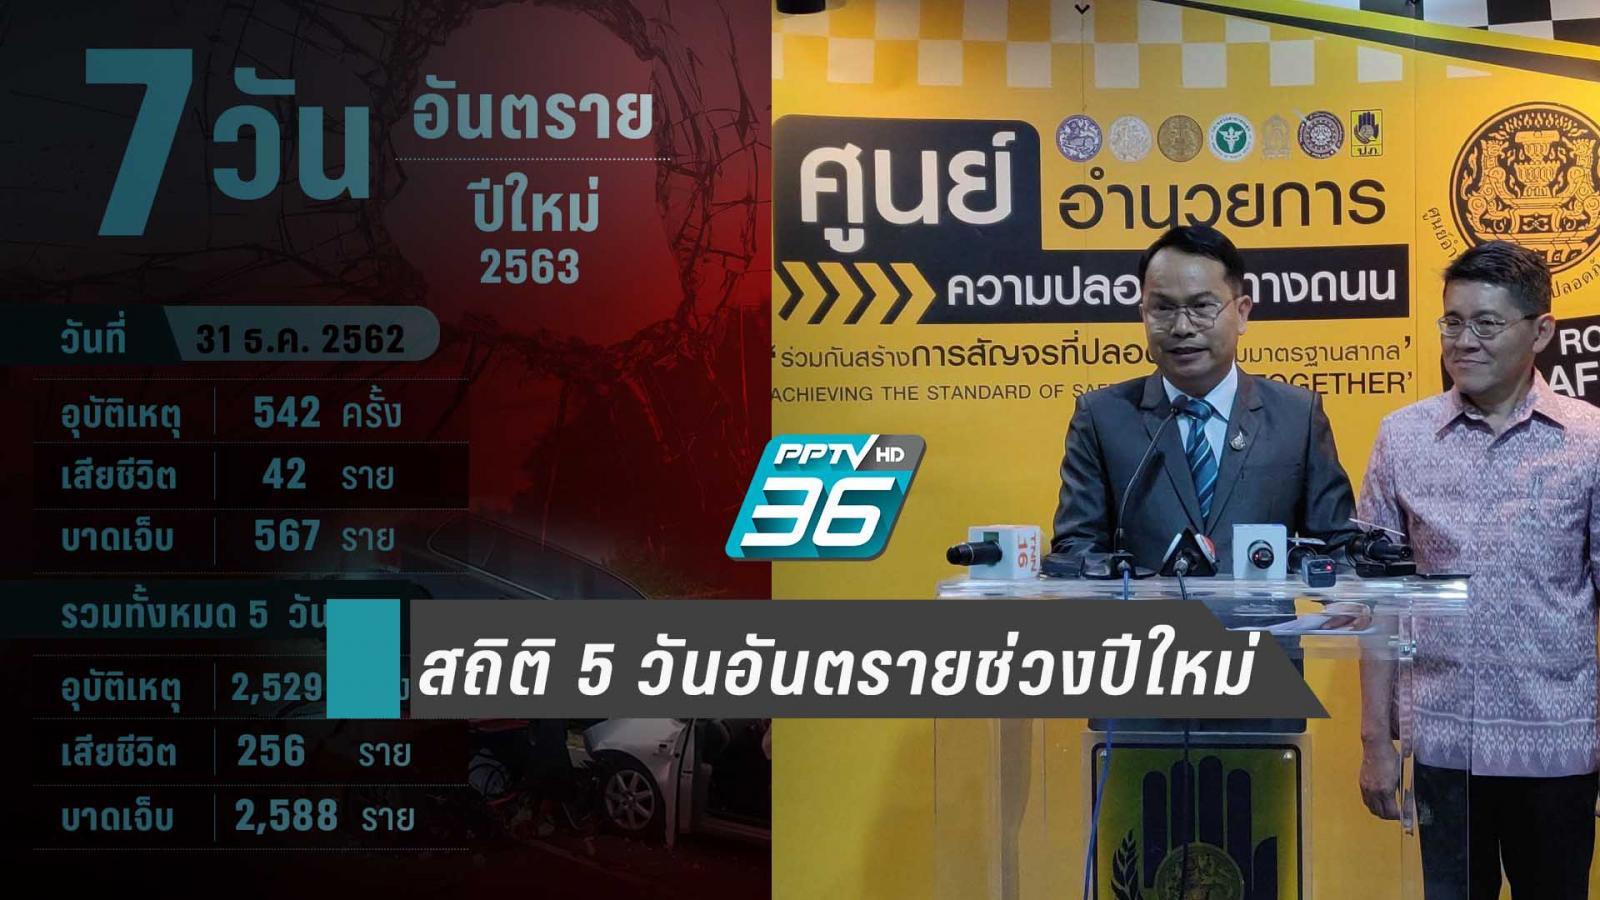 สถิติ 5 วันอุบัติเหตุช่วงใหม่เสียชีวิต 256 ราย เจ็บรวม 2,588 คน